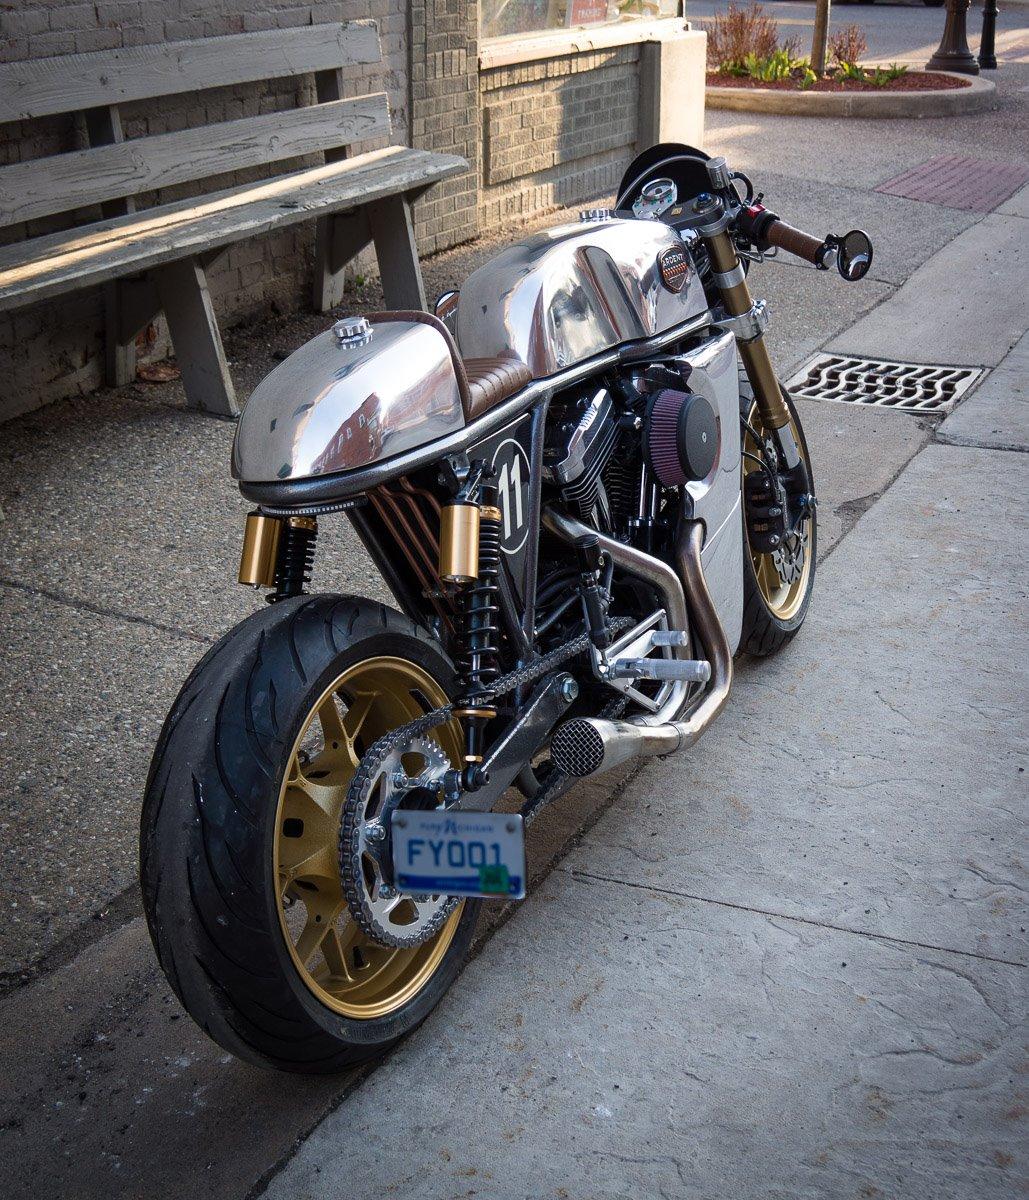 grand prix sportster ardent motorcycles rocketgarage cafe racer magazine. Black Bedroom Furniture Sets. Home Design Ideas